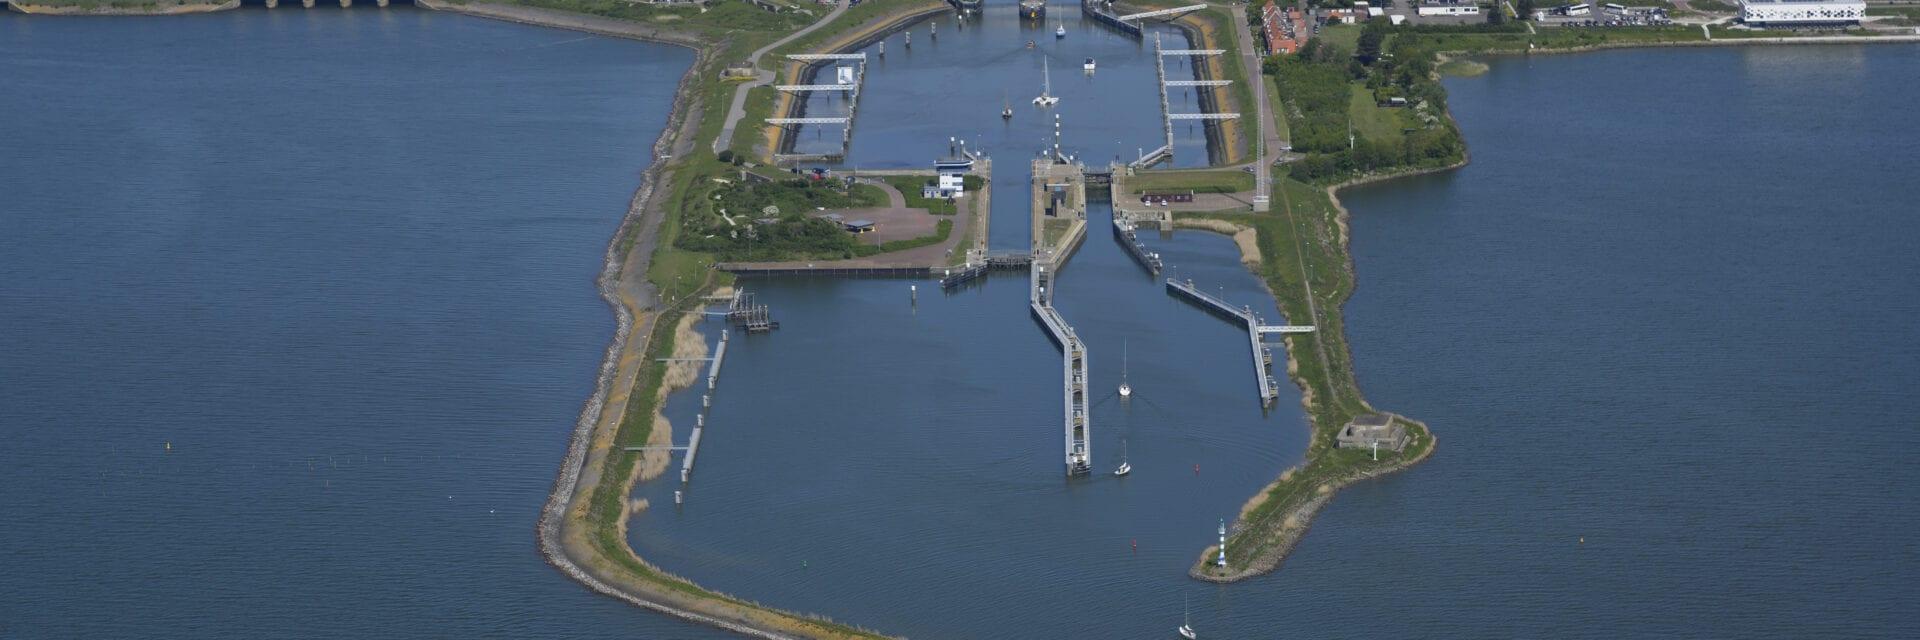 Wij zien een luchtfoto van de Schutsluizen bij Kornwerderzand. Van links naar rechts loopt een weg. Verticaal lopen vier landstroken met sluizen en boten. Aan beide kanten van de weg zie je water.